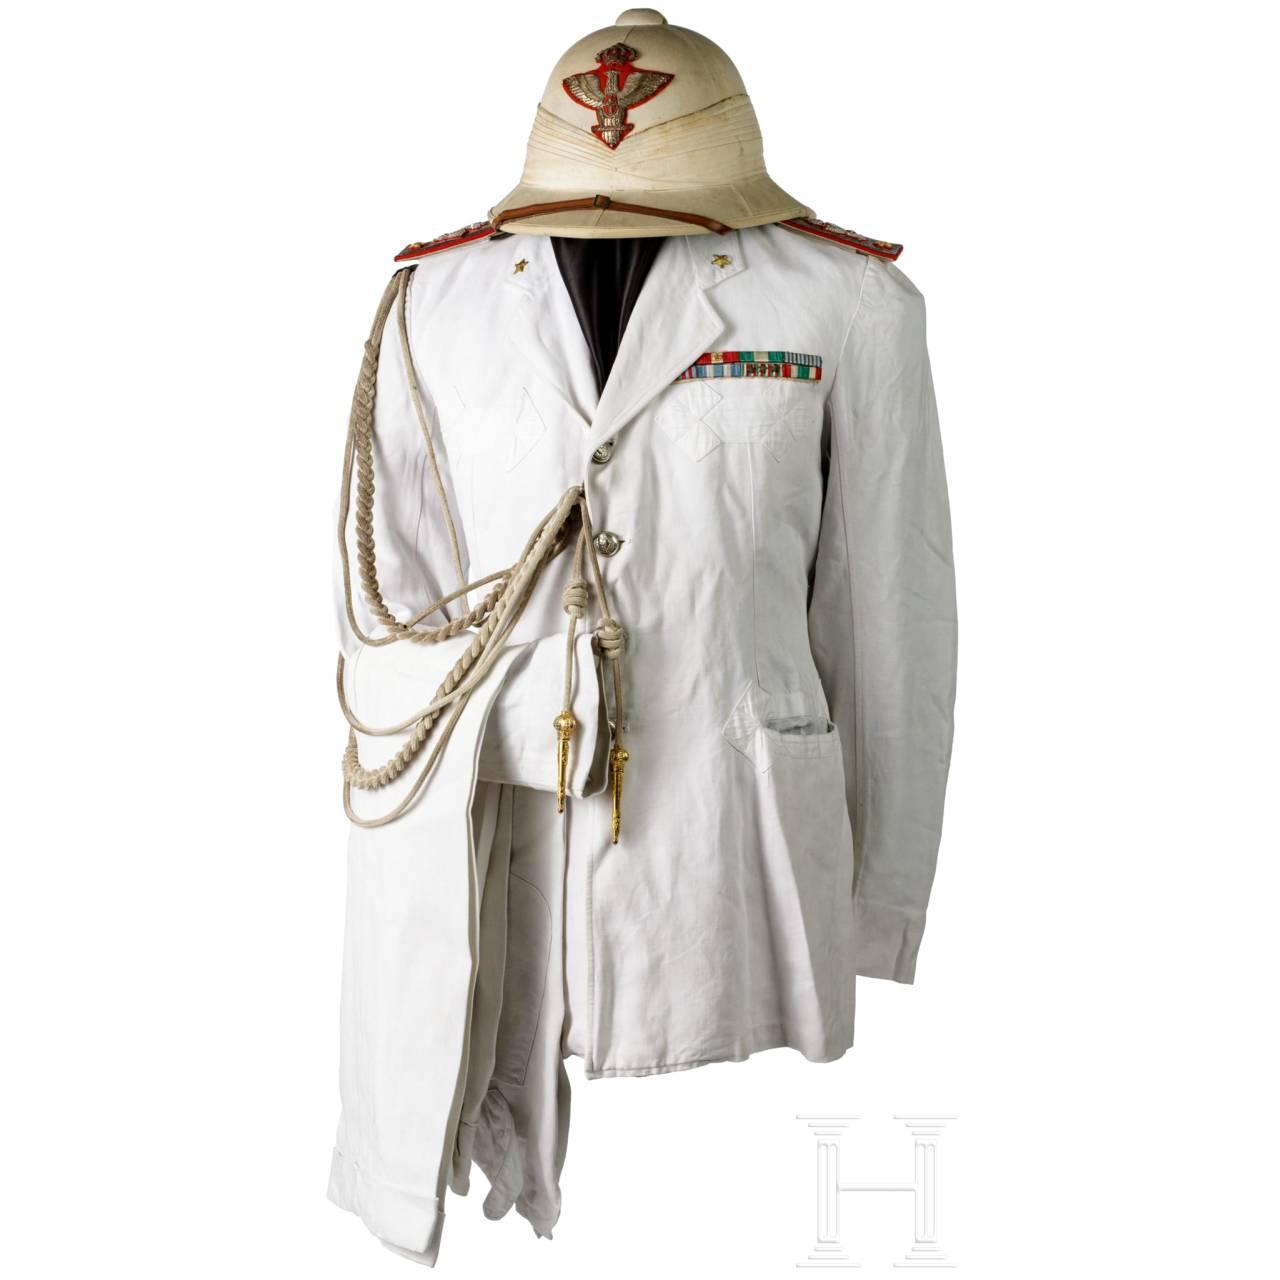 Sommeruniform für einen Generale di Brigata in den Kolonien